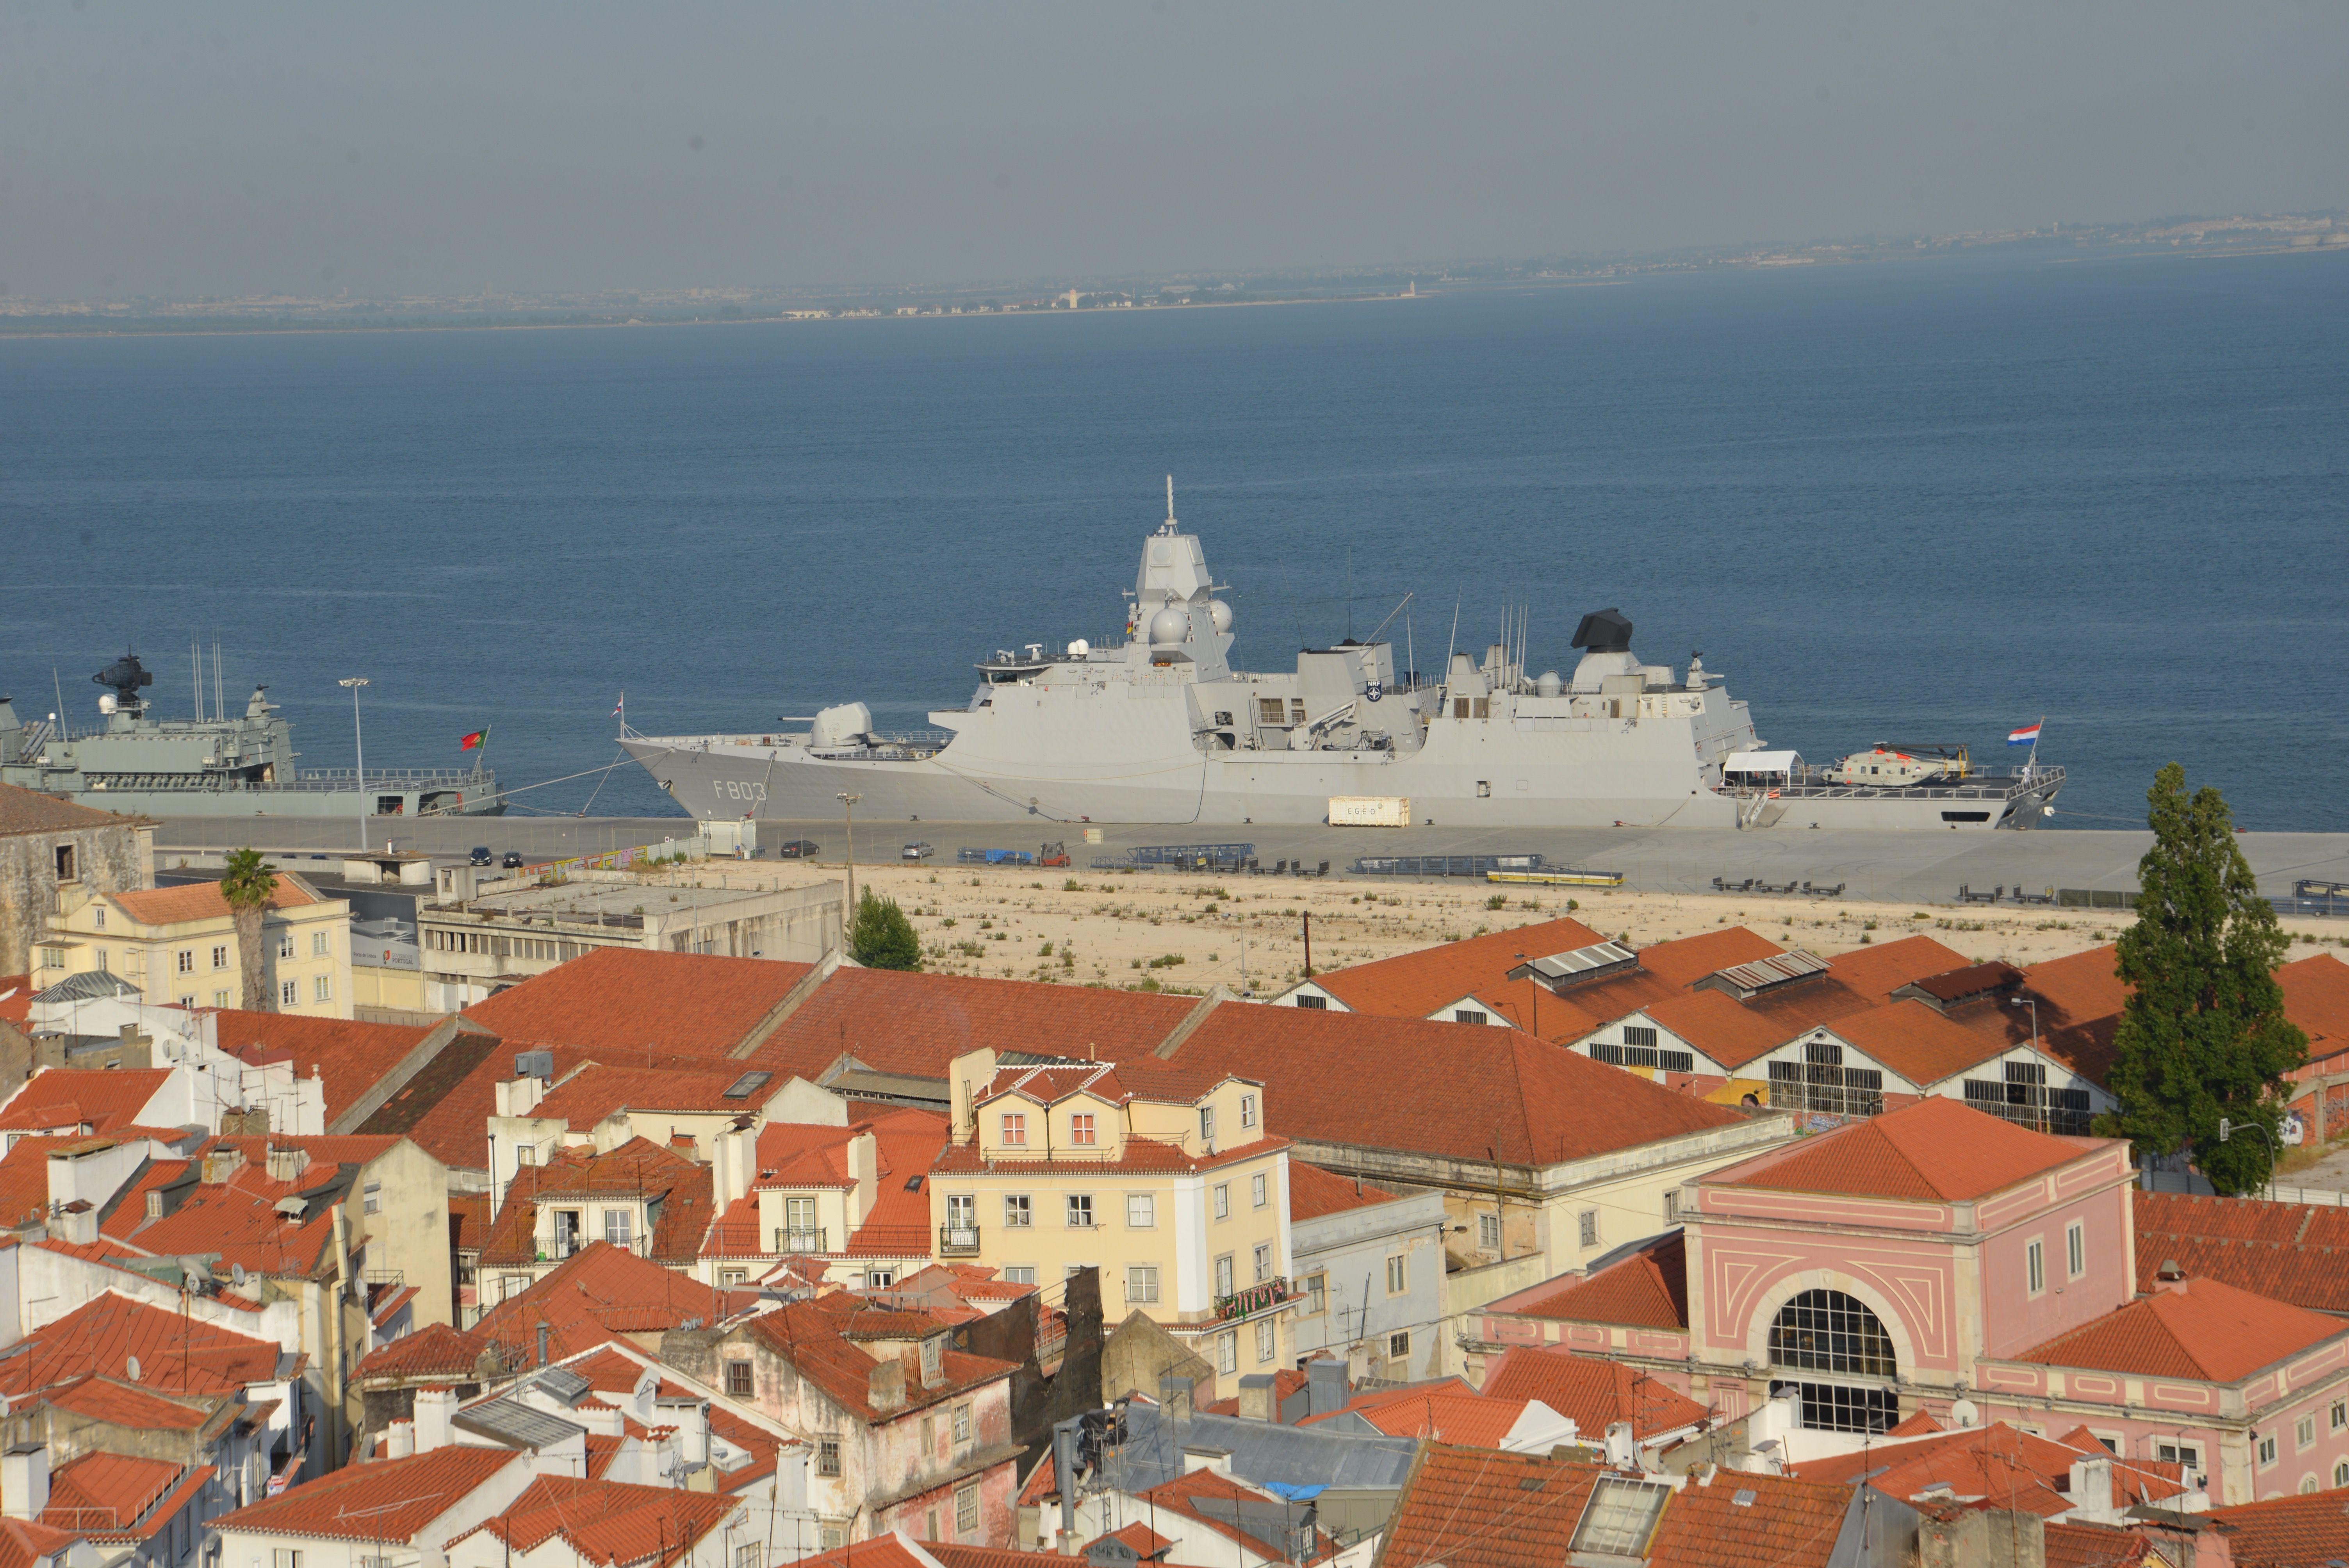 Lissabonner Hafen.